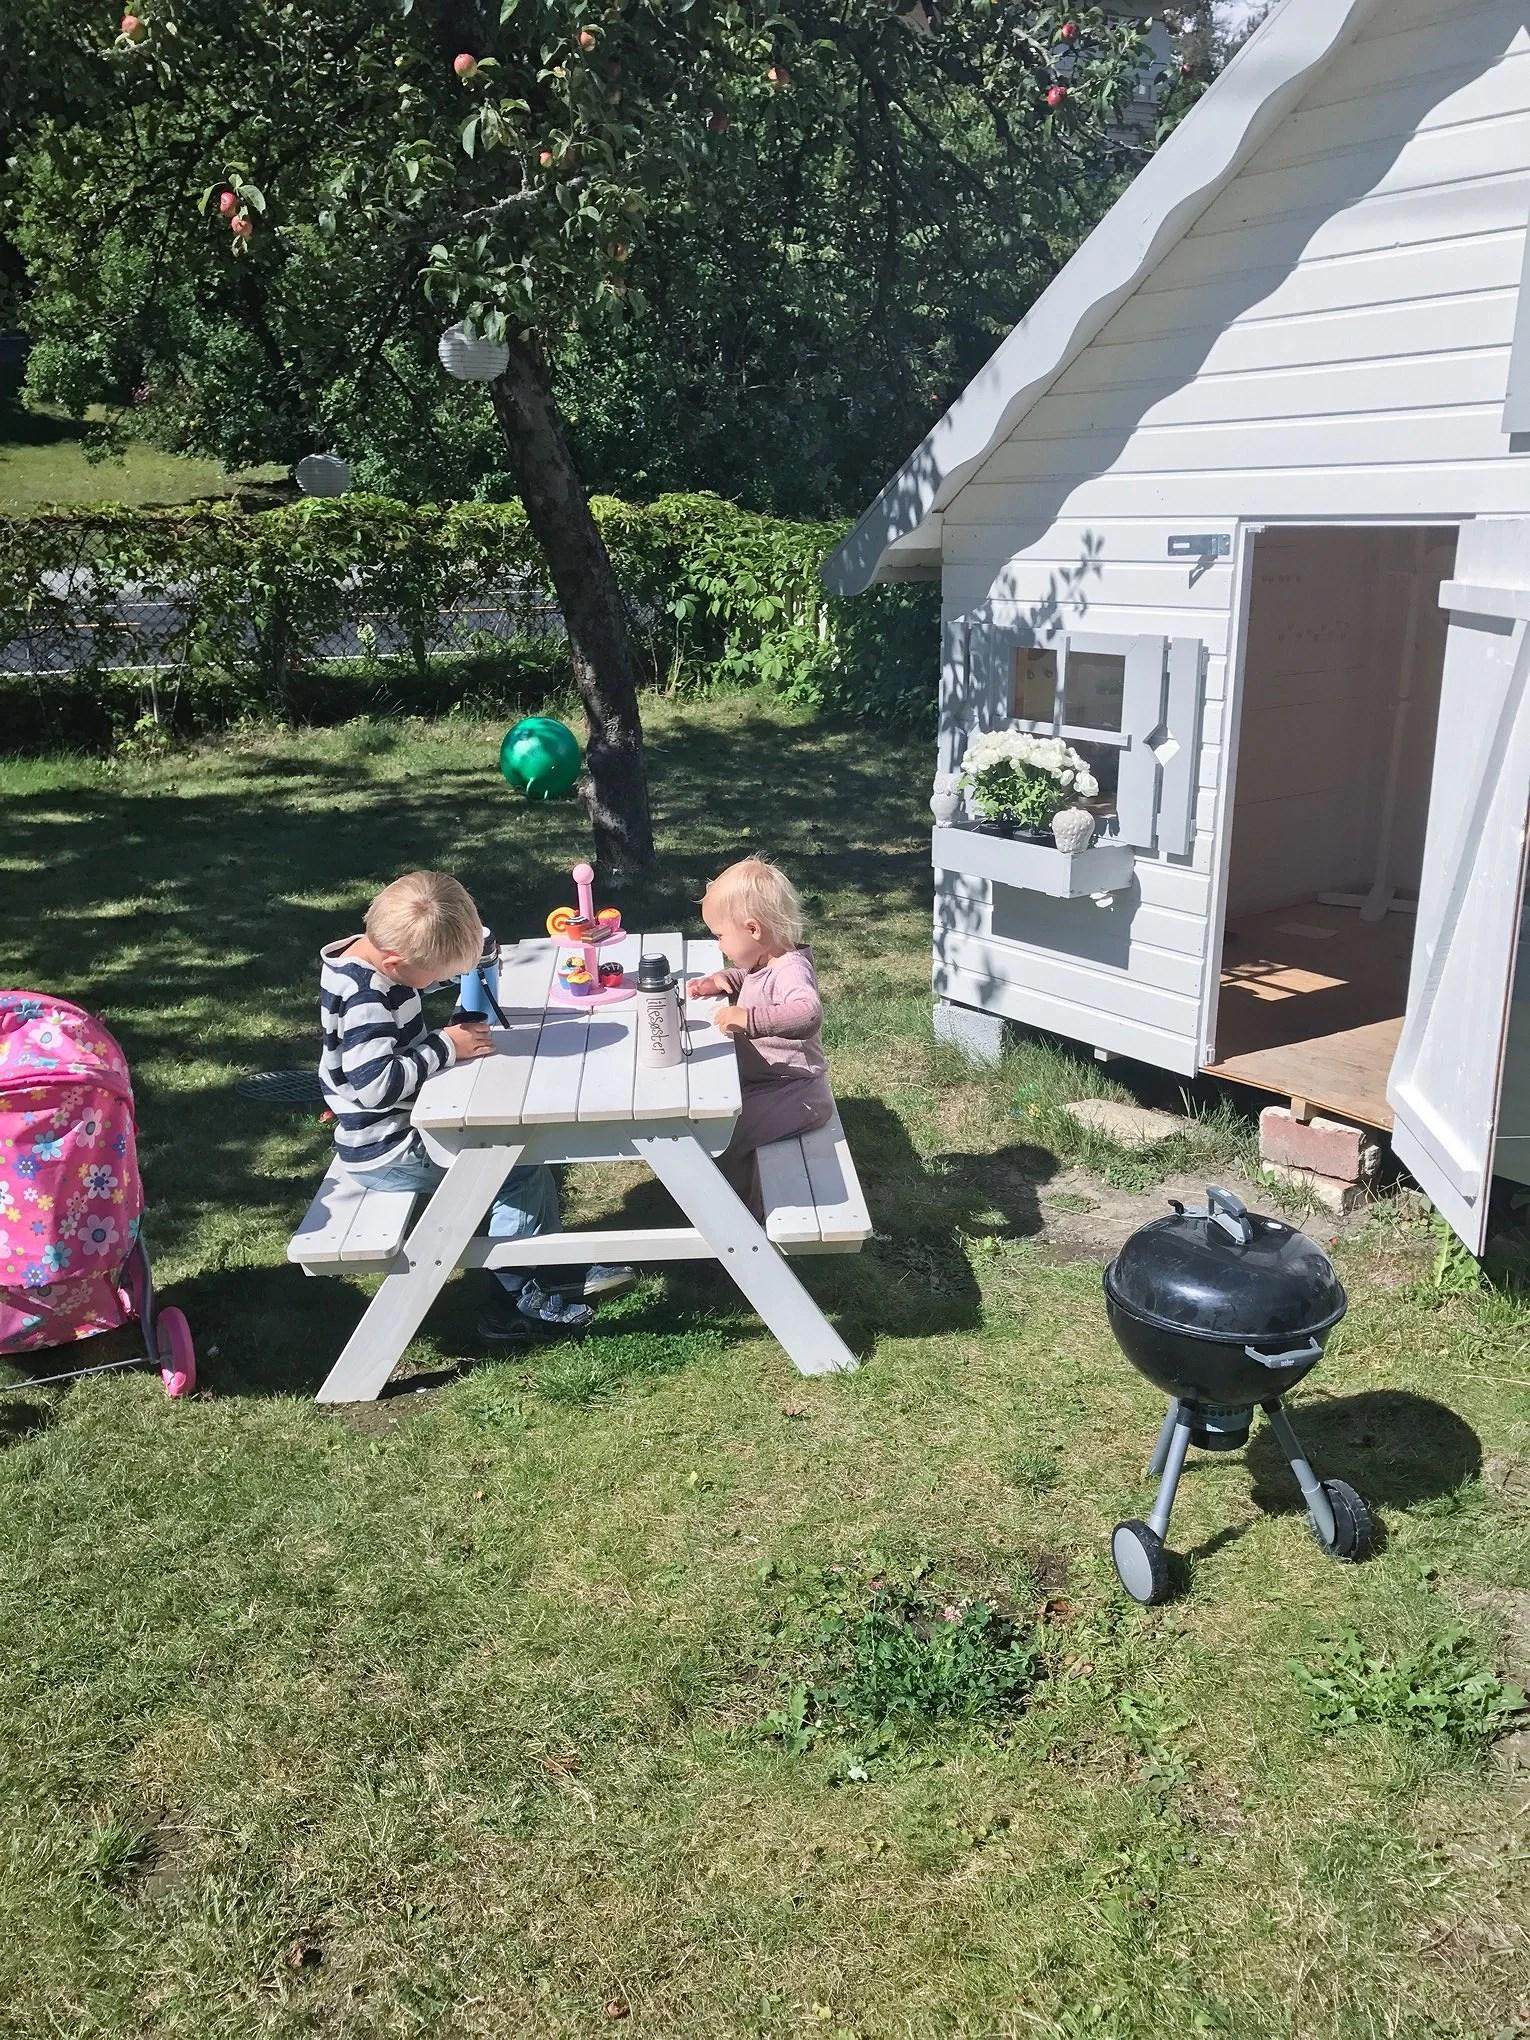 Piknik i hagen.